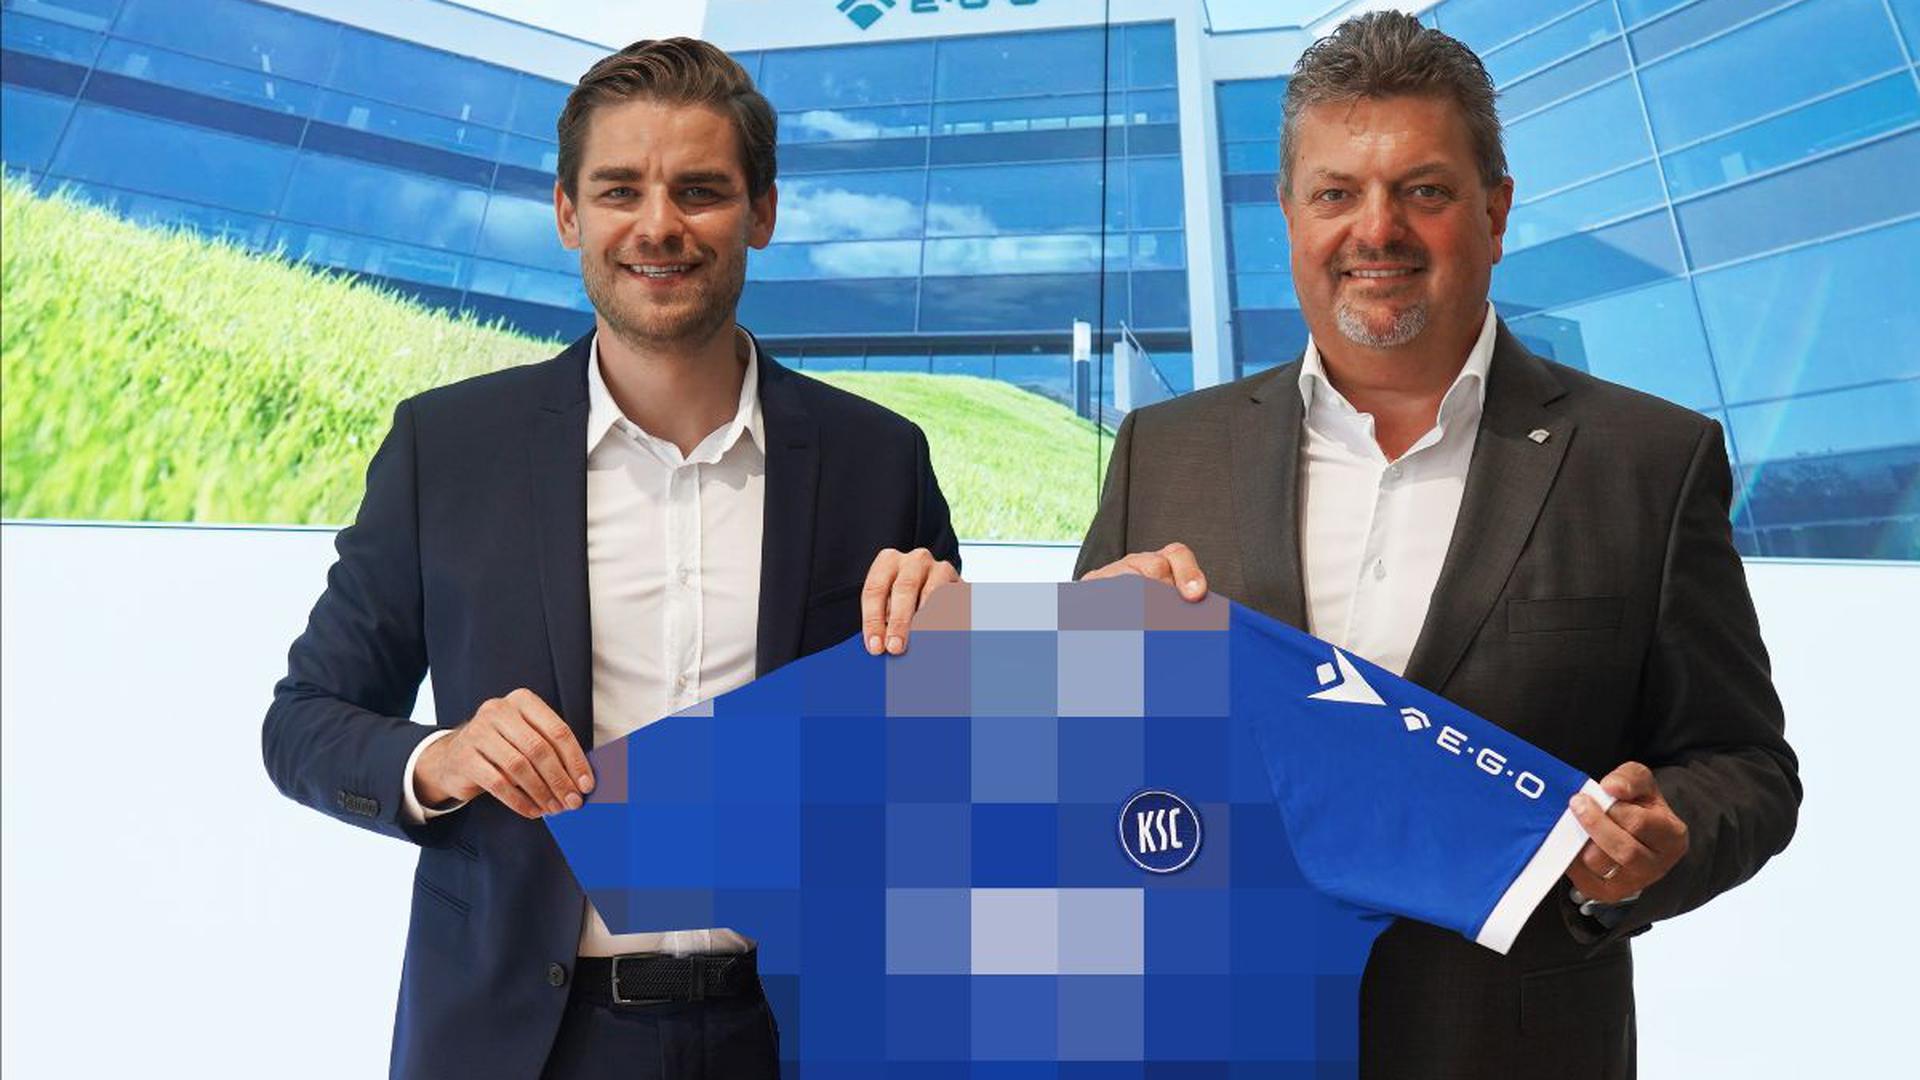 KSC-Geschäftsführer Michael Becker (links) und E.G.O.-Chef Dirk Schallock präsentieren das neue Logo auf dem linken Ärmel der neuen Trikots des Karlsruher SC.